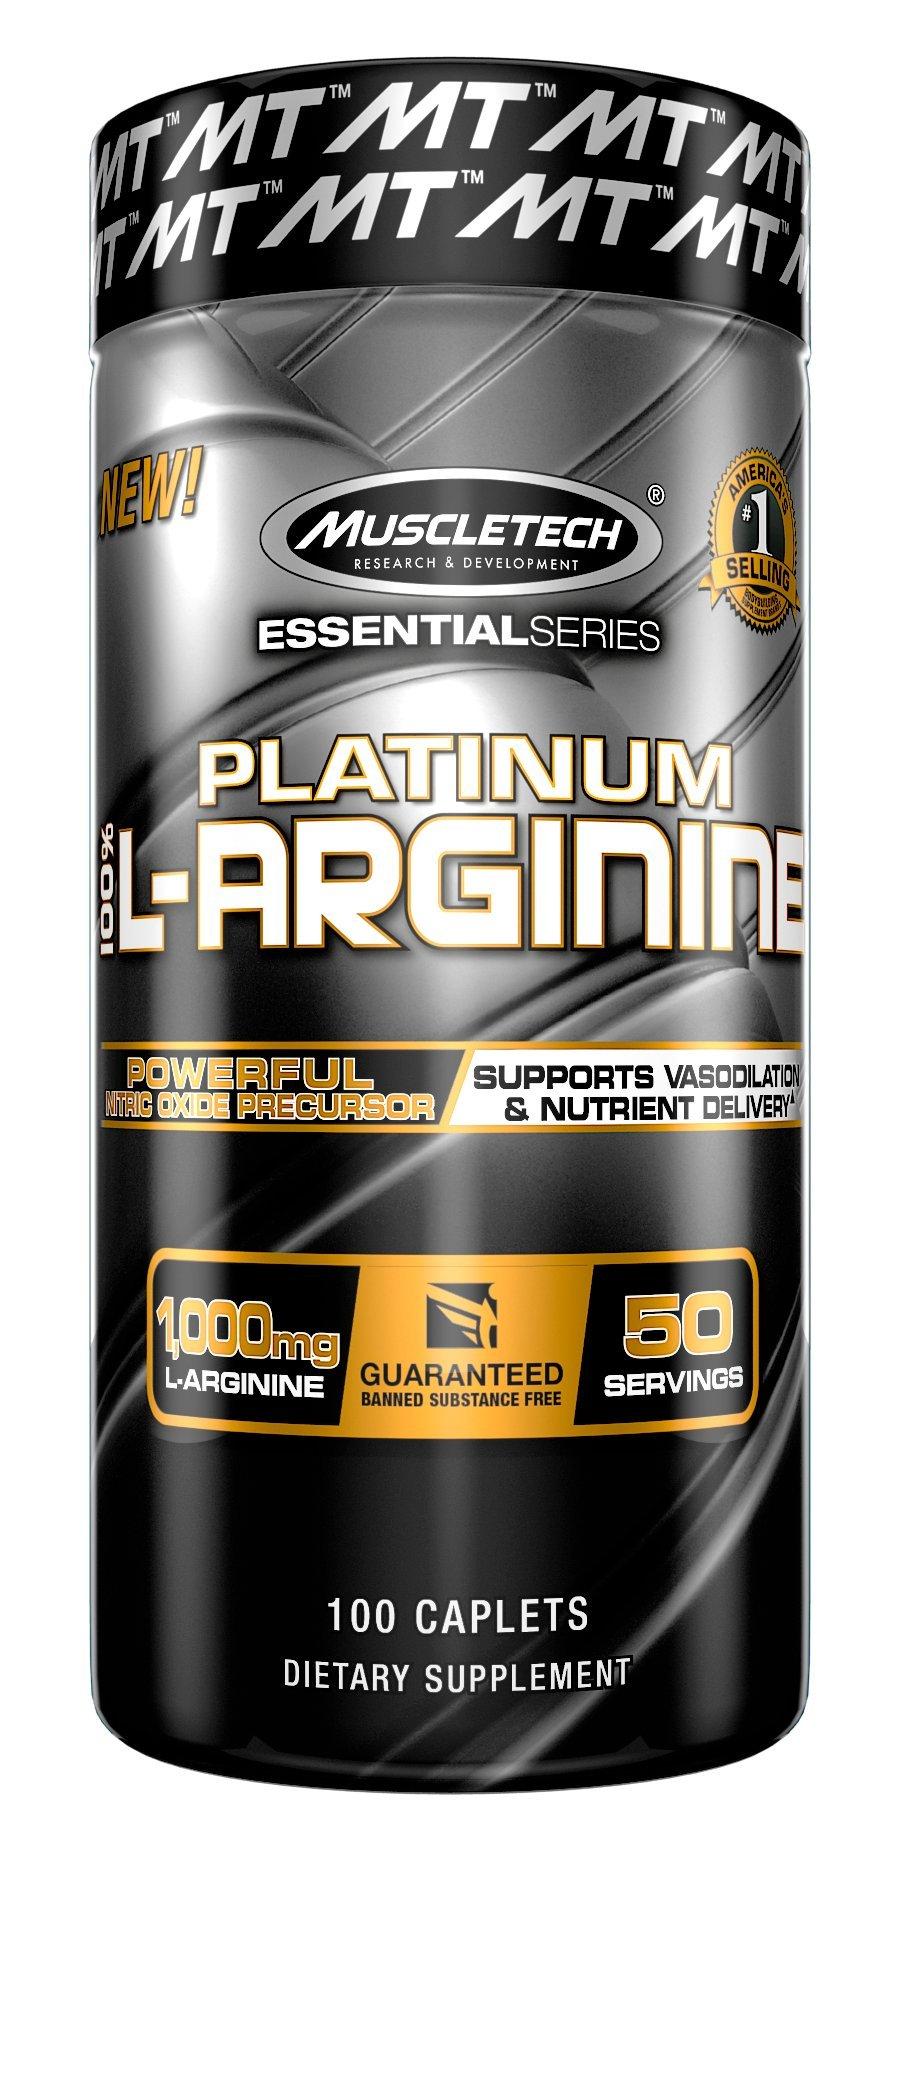 Muscletech Essential Series Platinum Garcinia 120 7 Days Slim Original 100 L Arginine Count